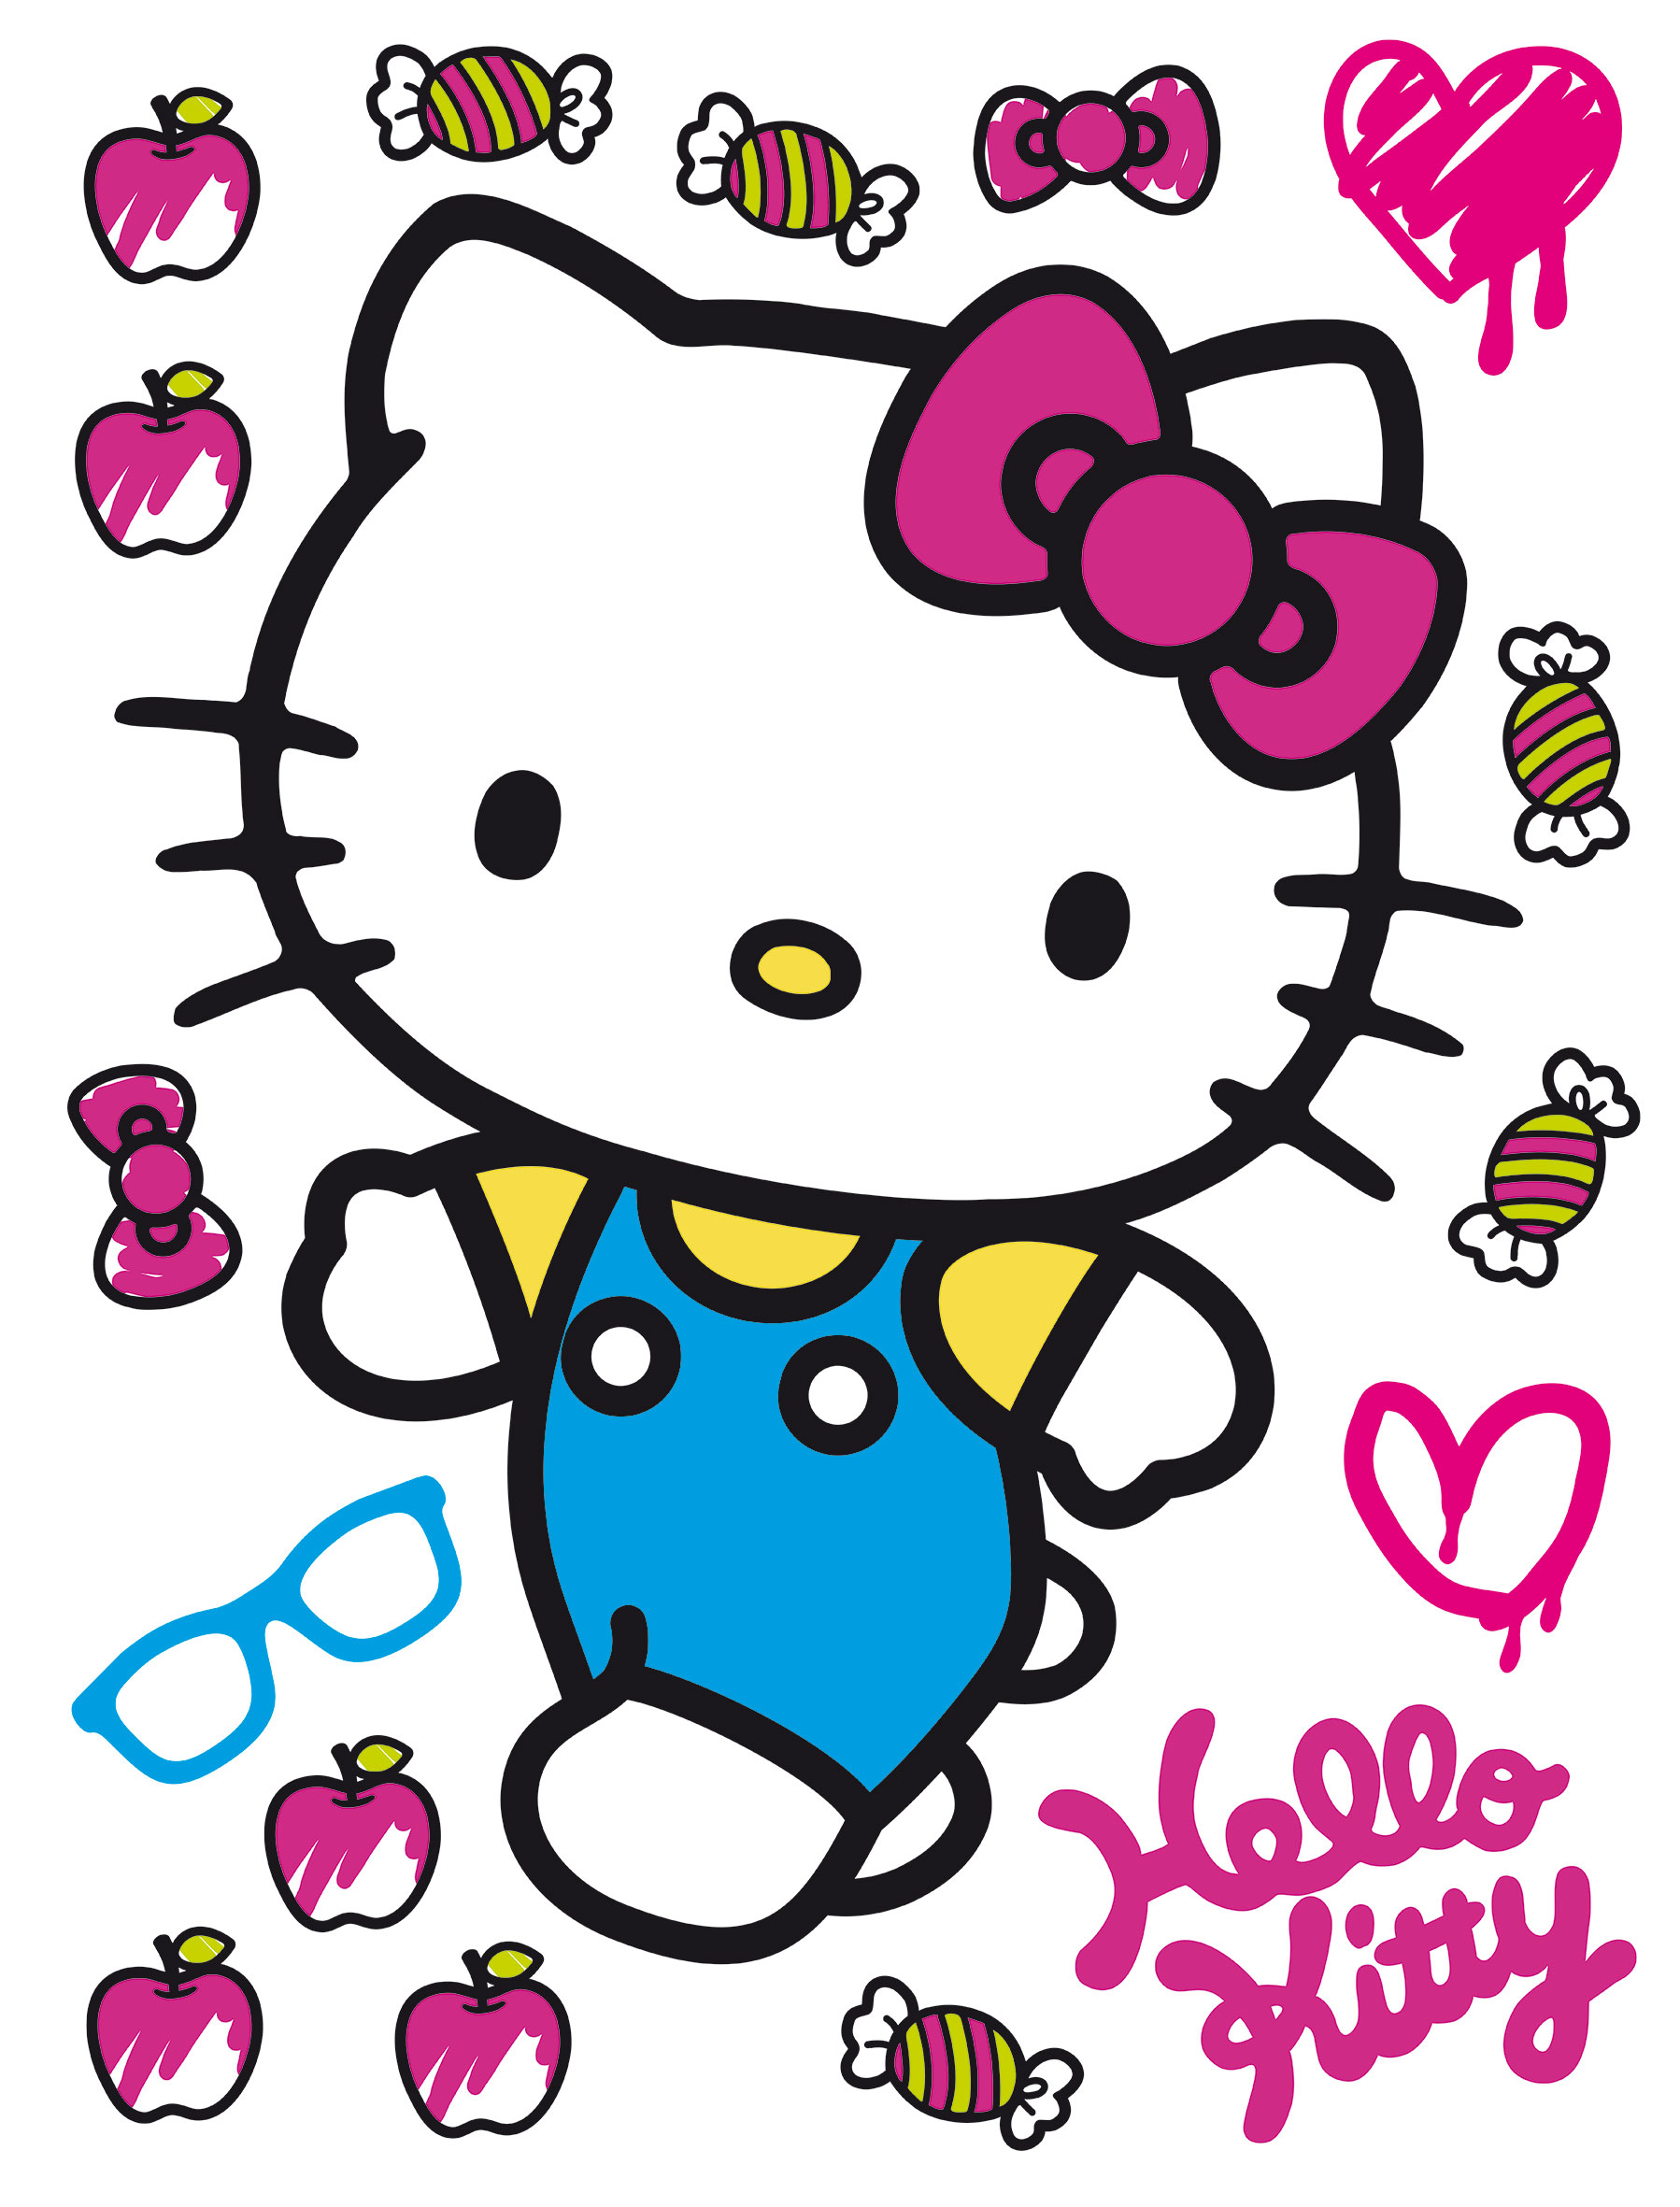 Maxi nálepka Hello Kitty DK 1780 (Dekorativní samolepka)